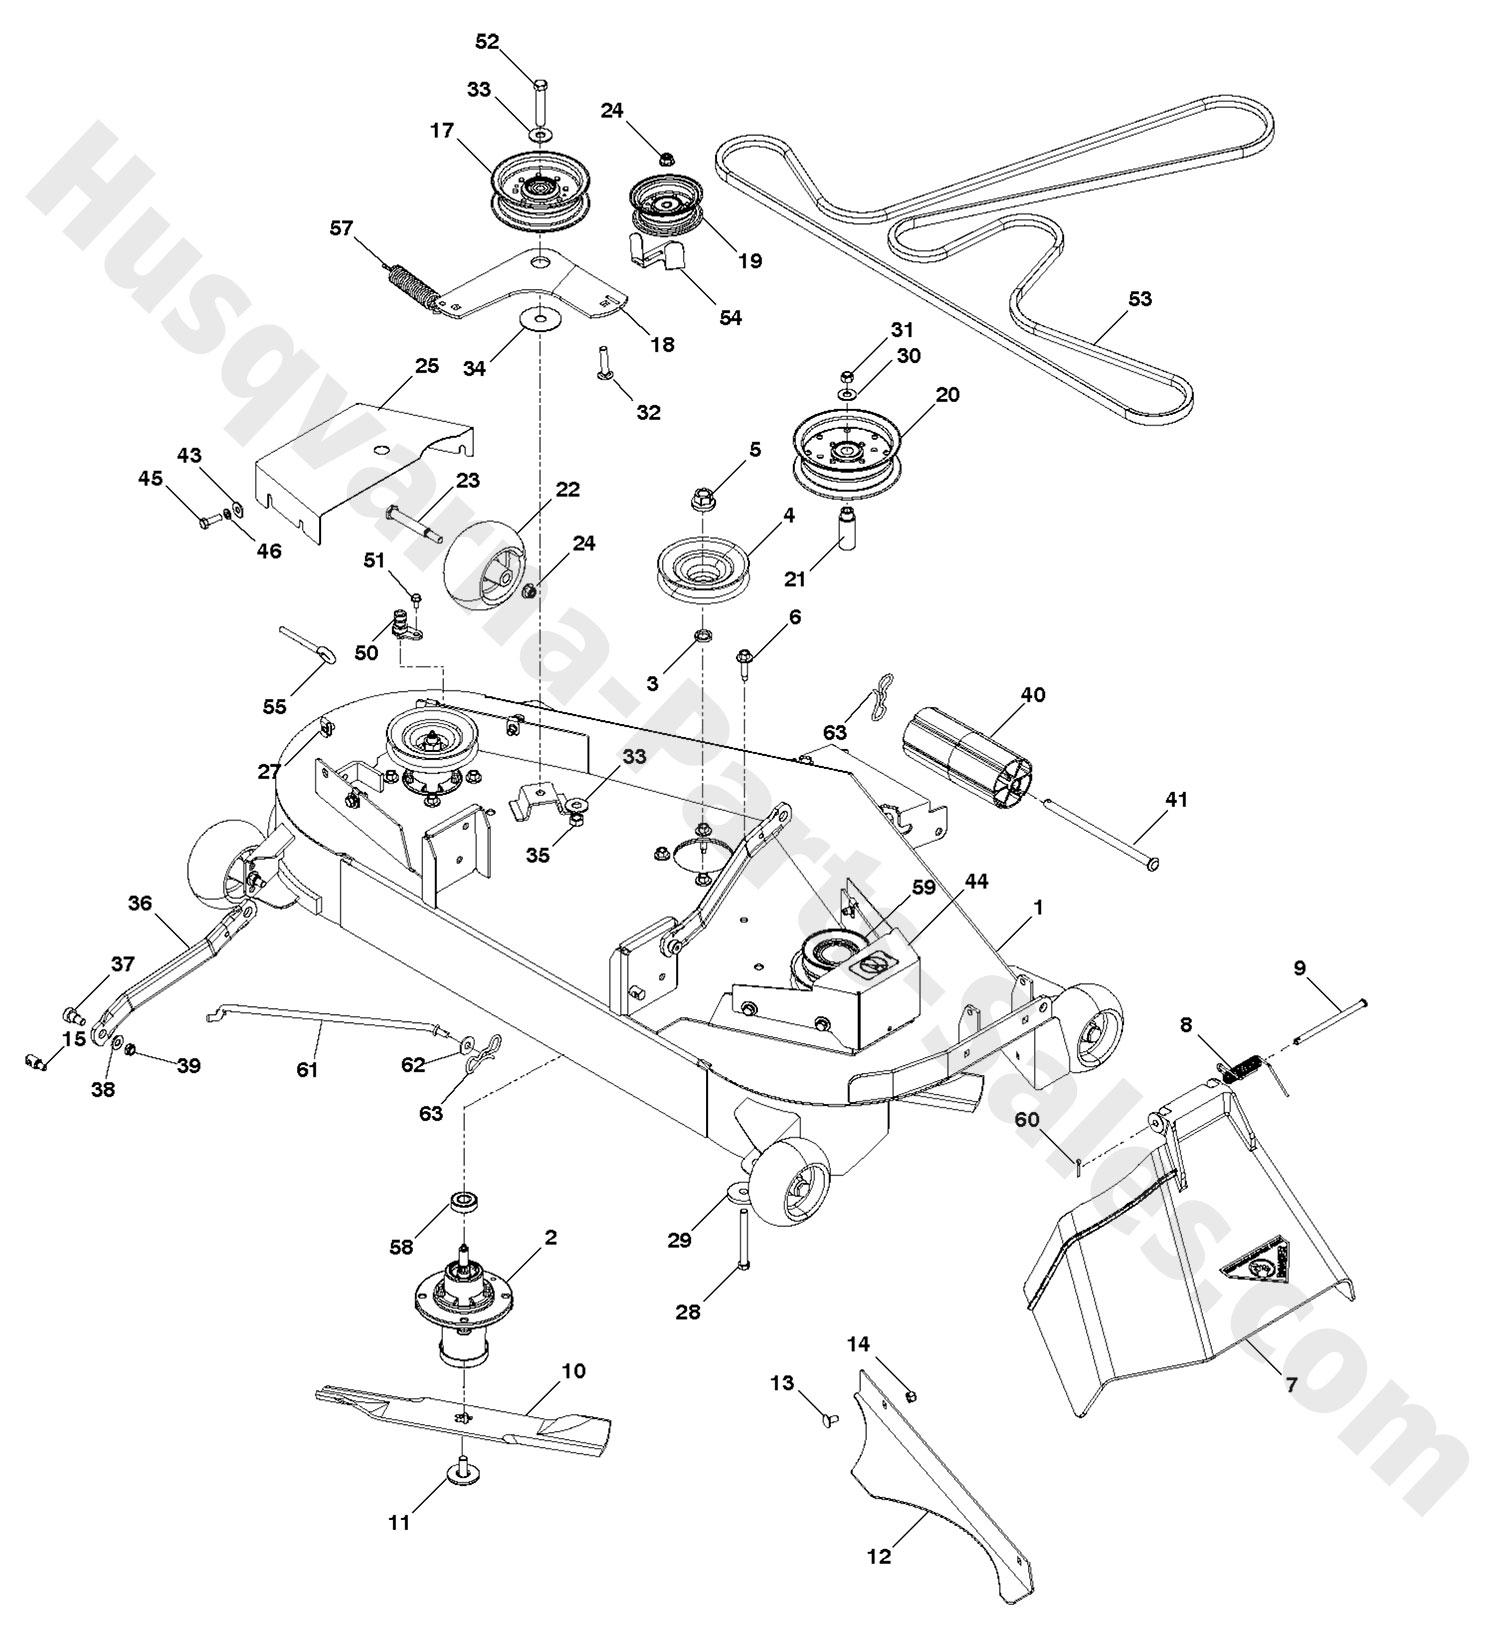 YTH24V48LS Husqvarna Riding Mower Deck & Cutting Deck Parts